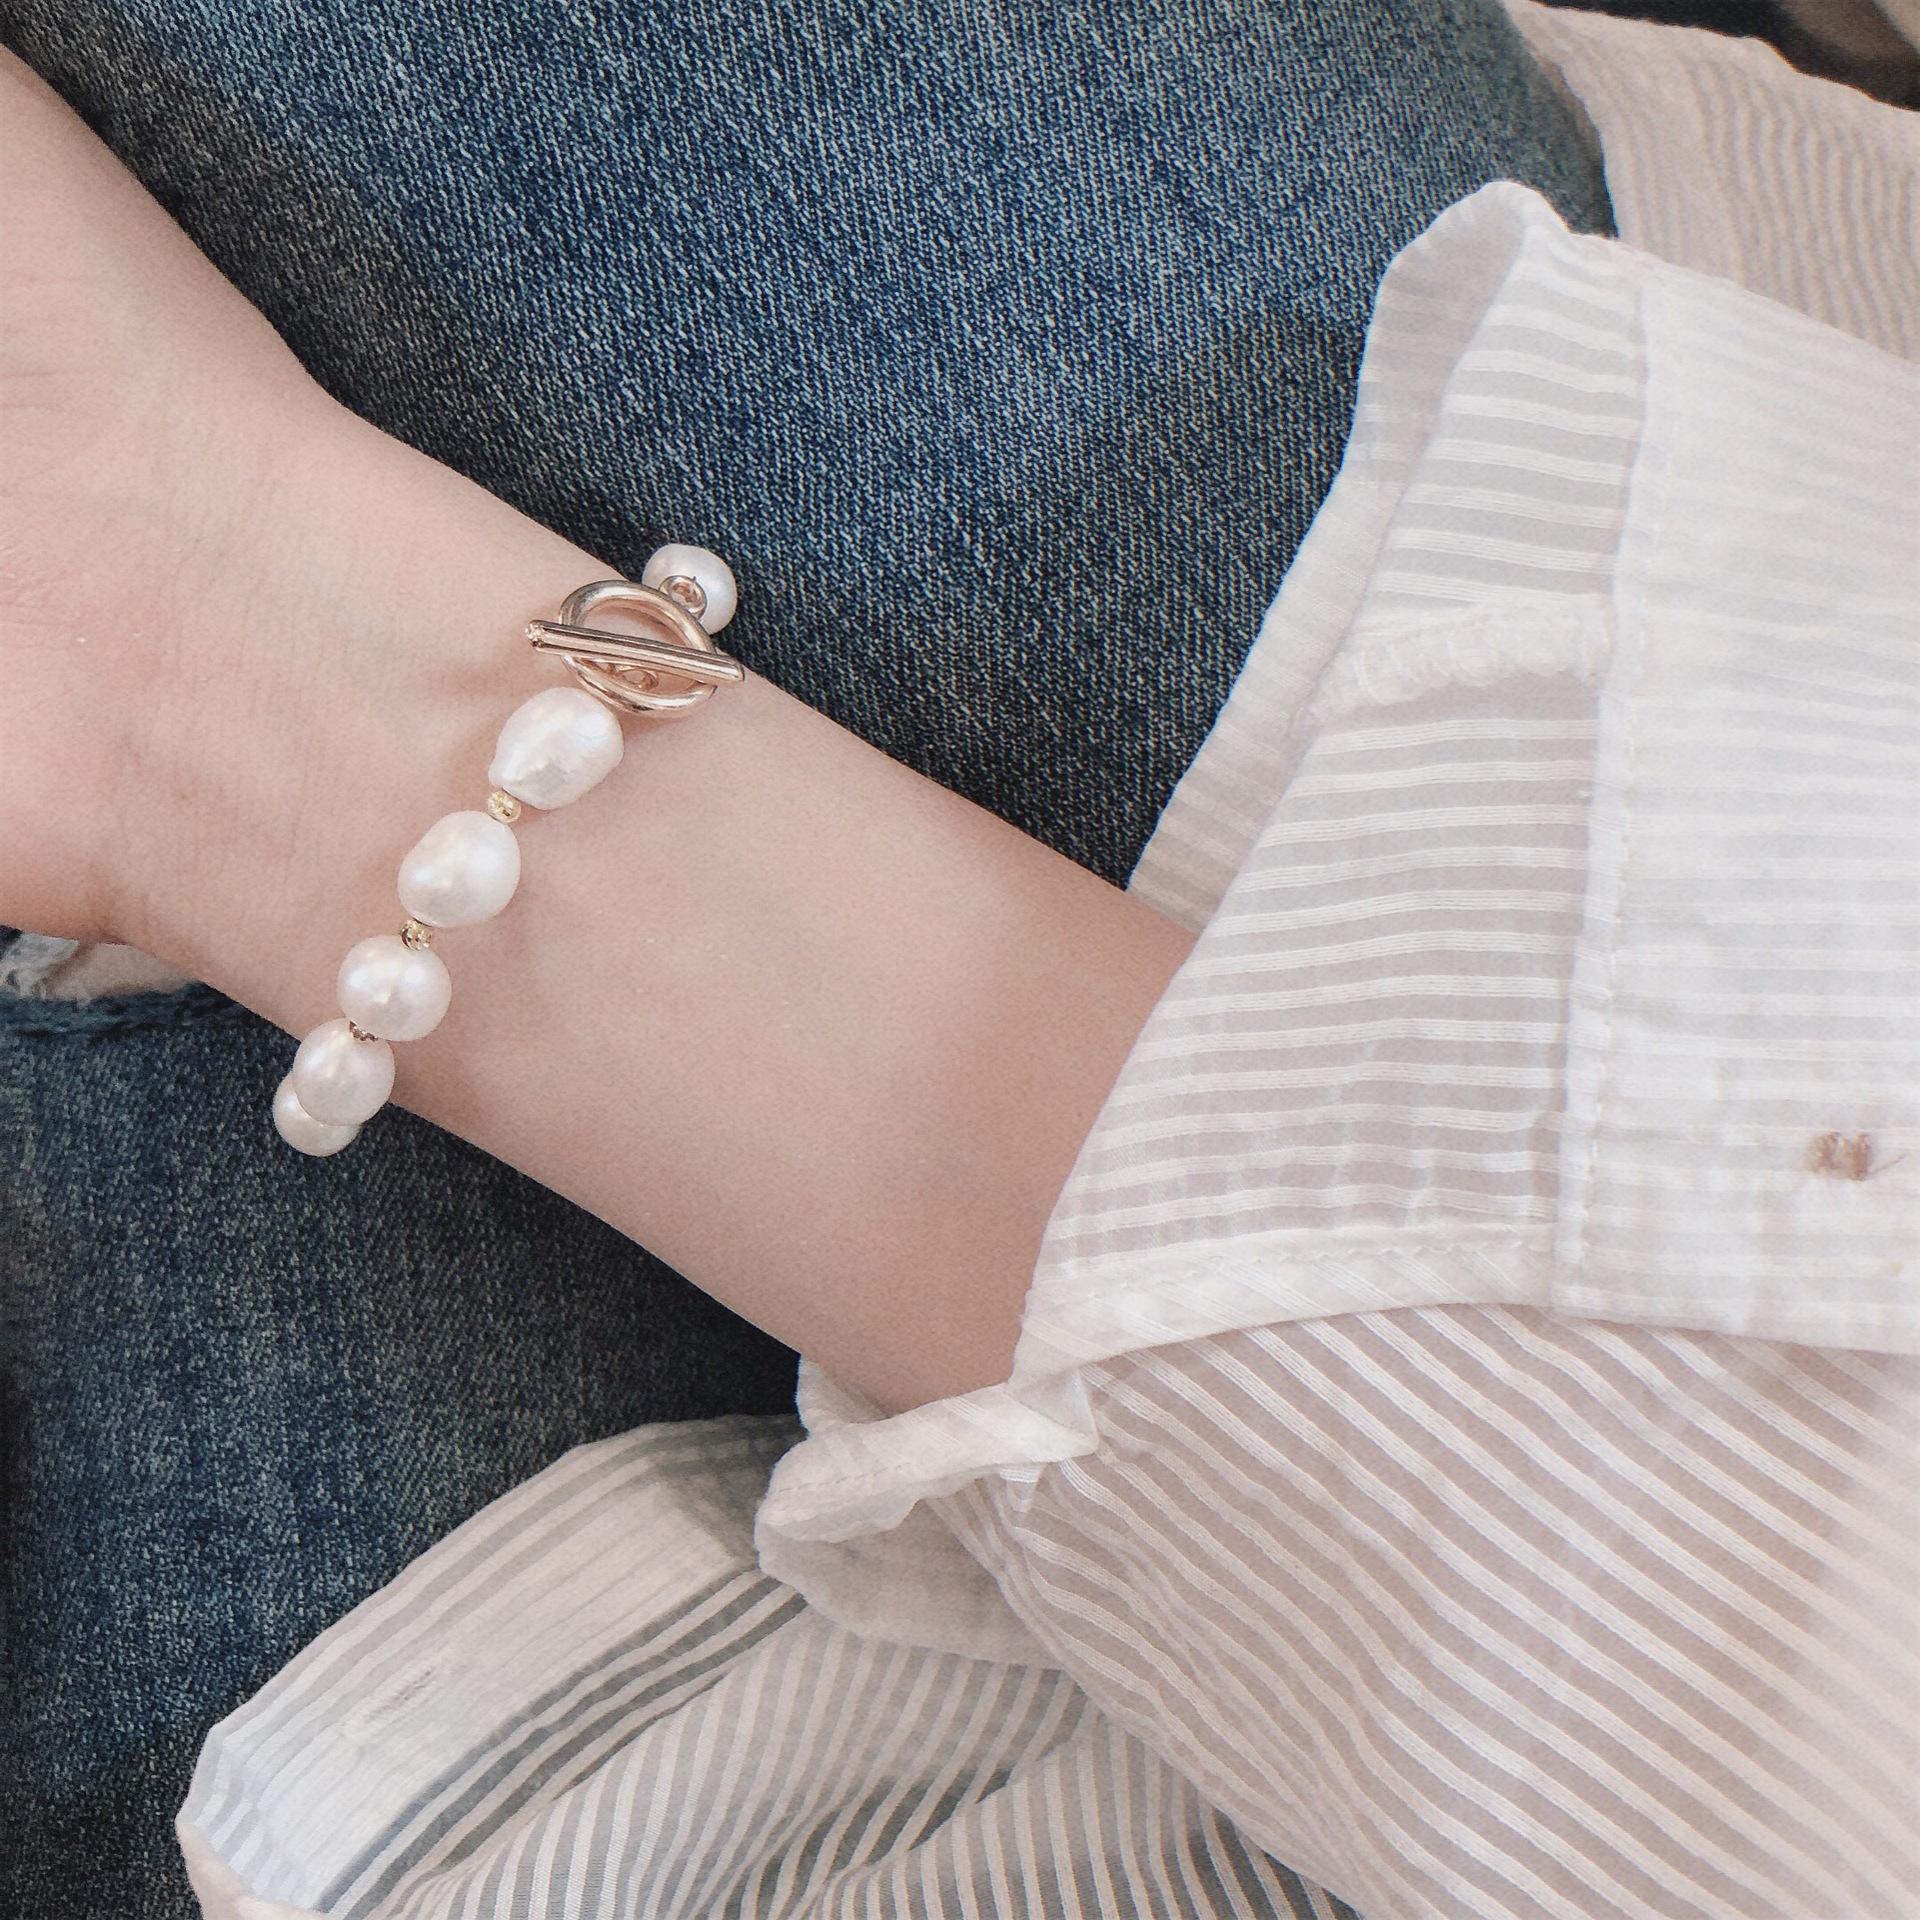 天然淡水珍珠手链工艺手工定制小众设计清轻奢流行饰品